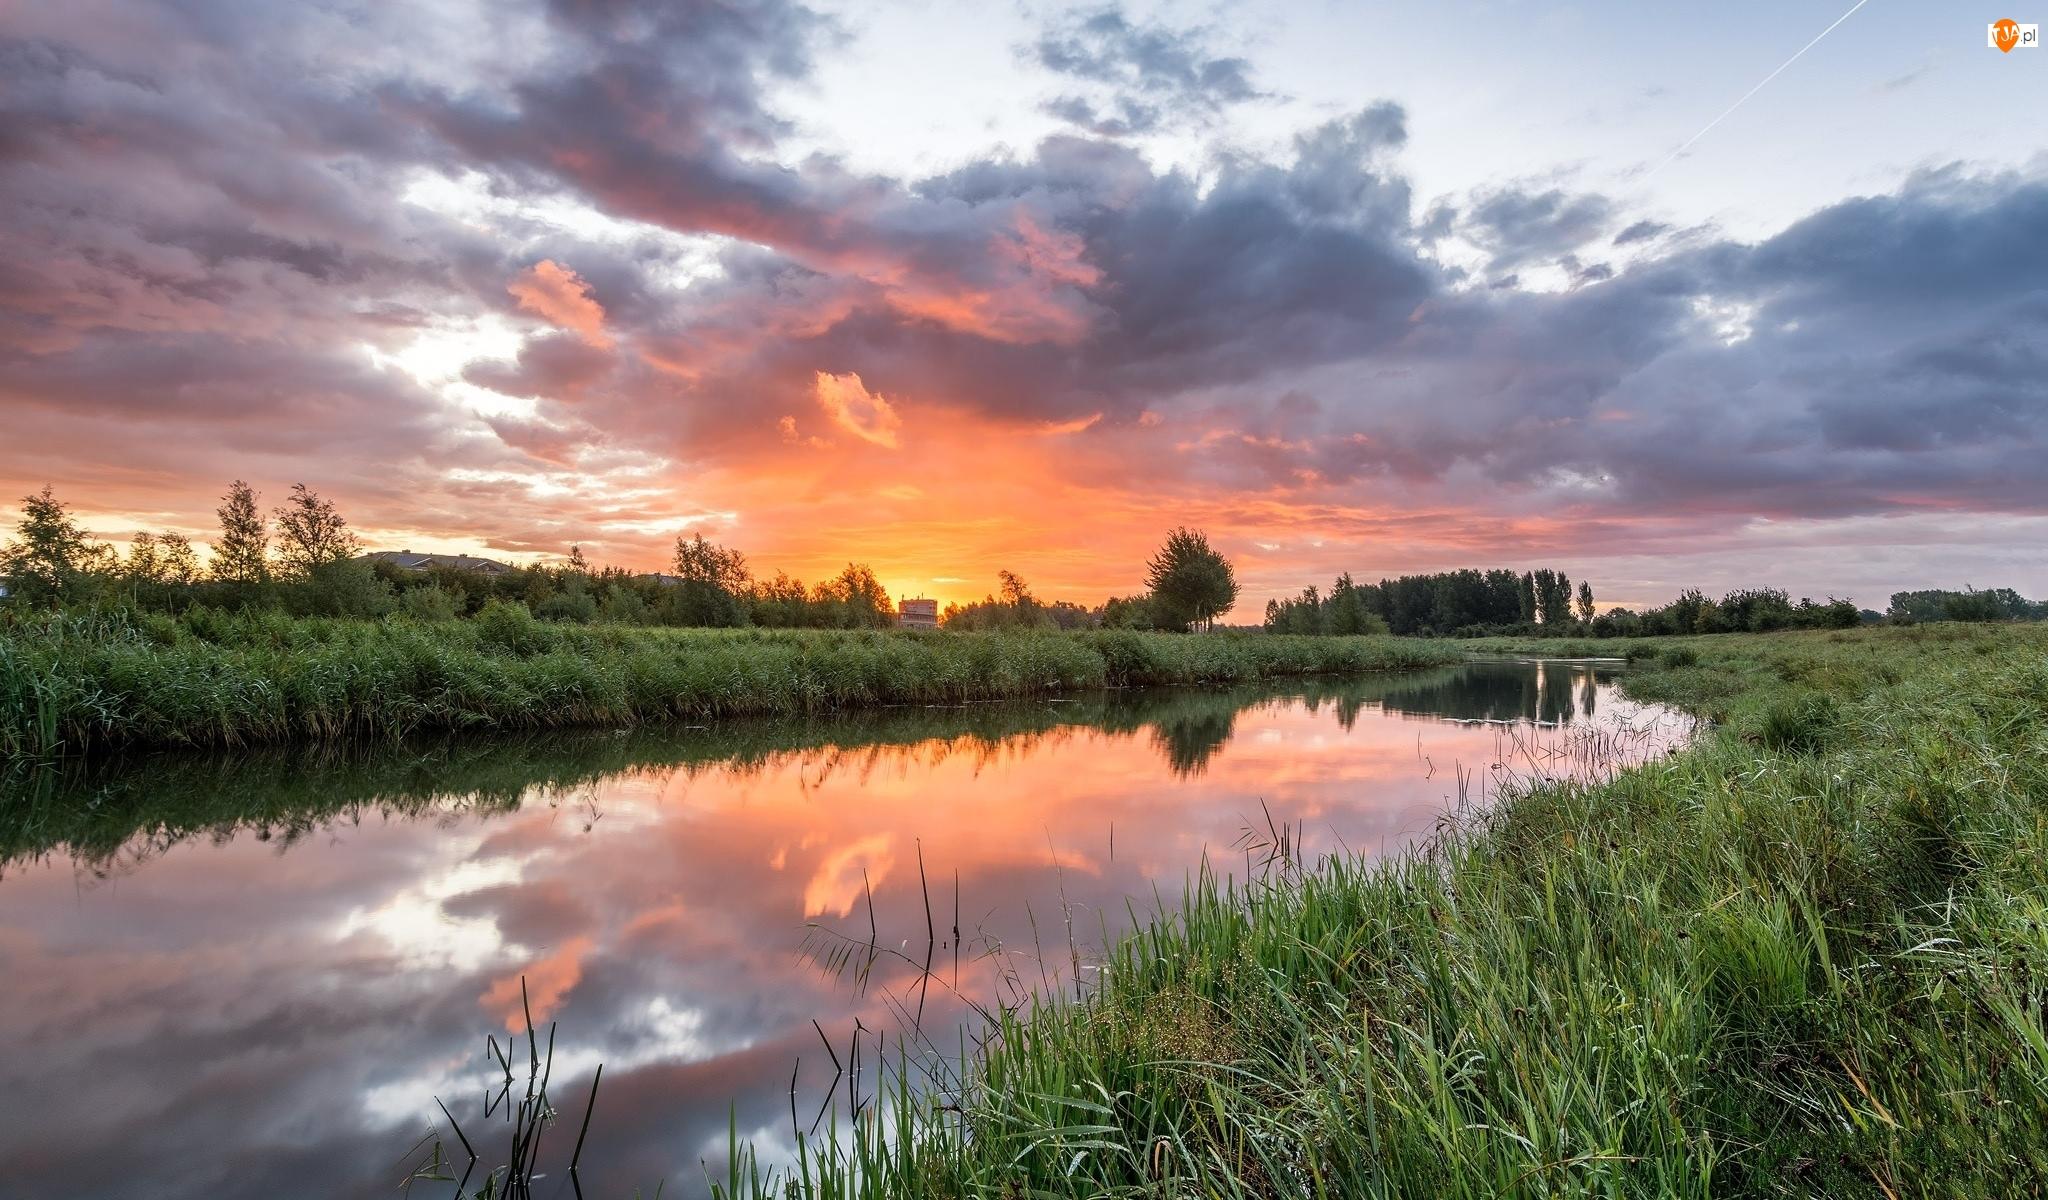 Zachód słońca, Rzeka, Trawy, Drzewa, Chmury